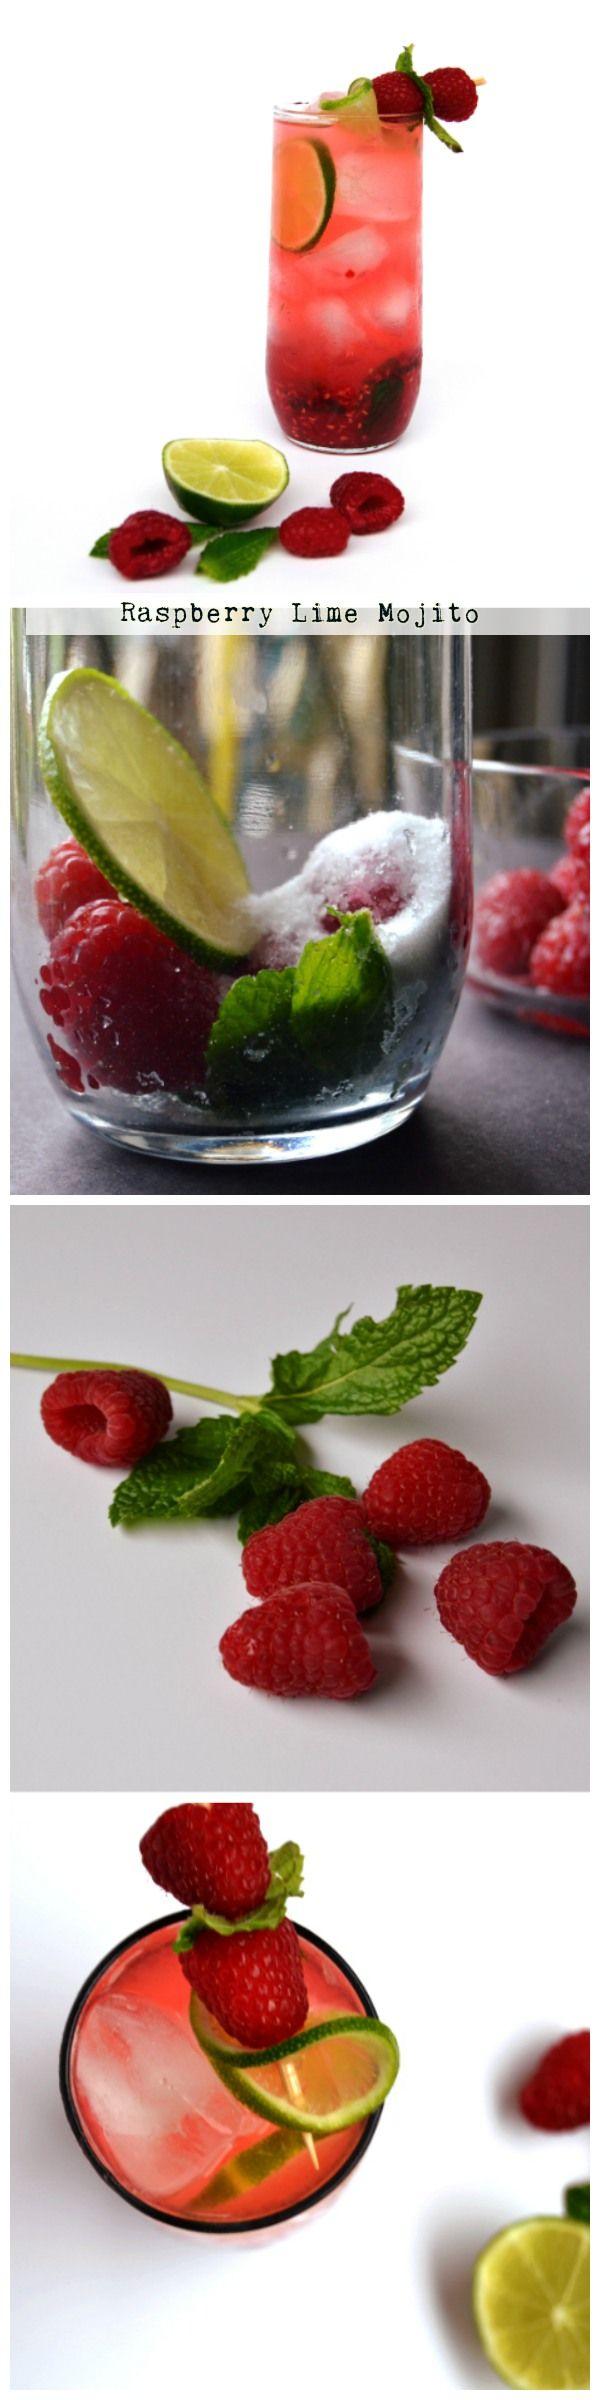 Raspberry lime mojito in 5 minutes.  #raspberry #mojito